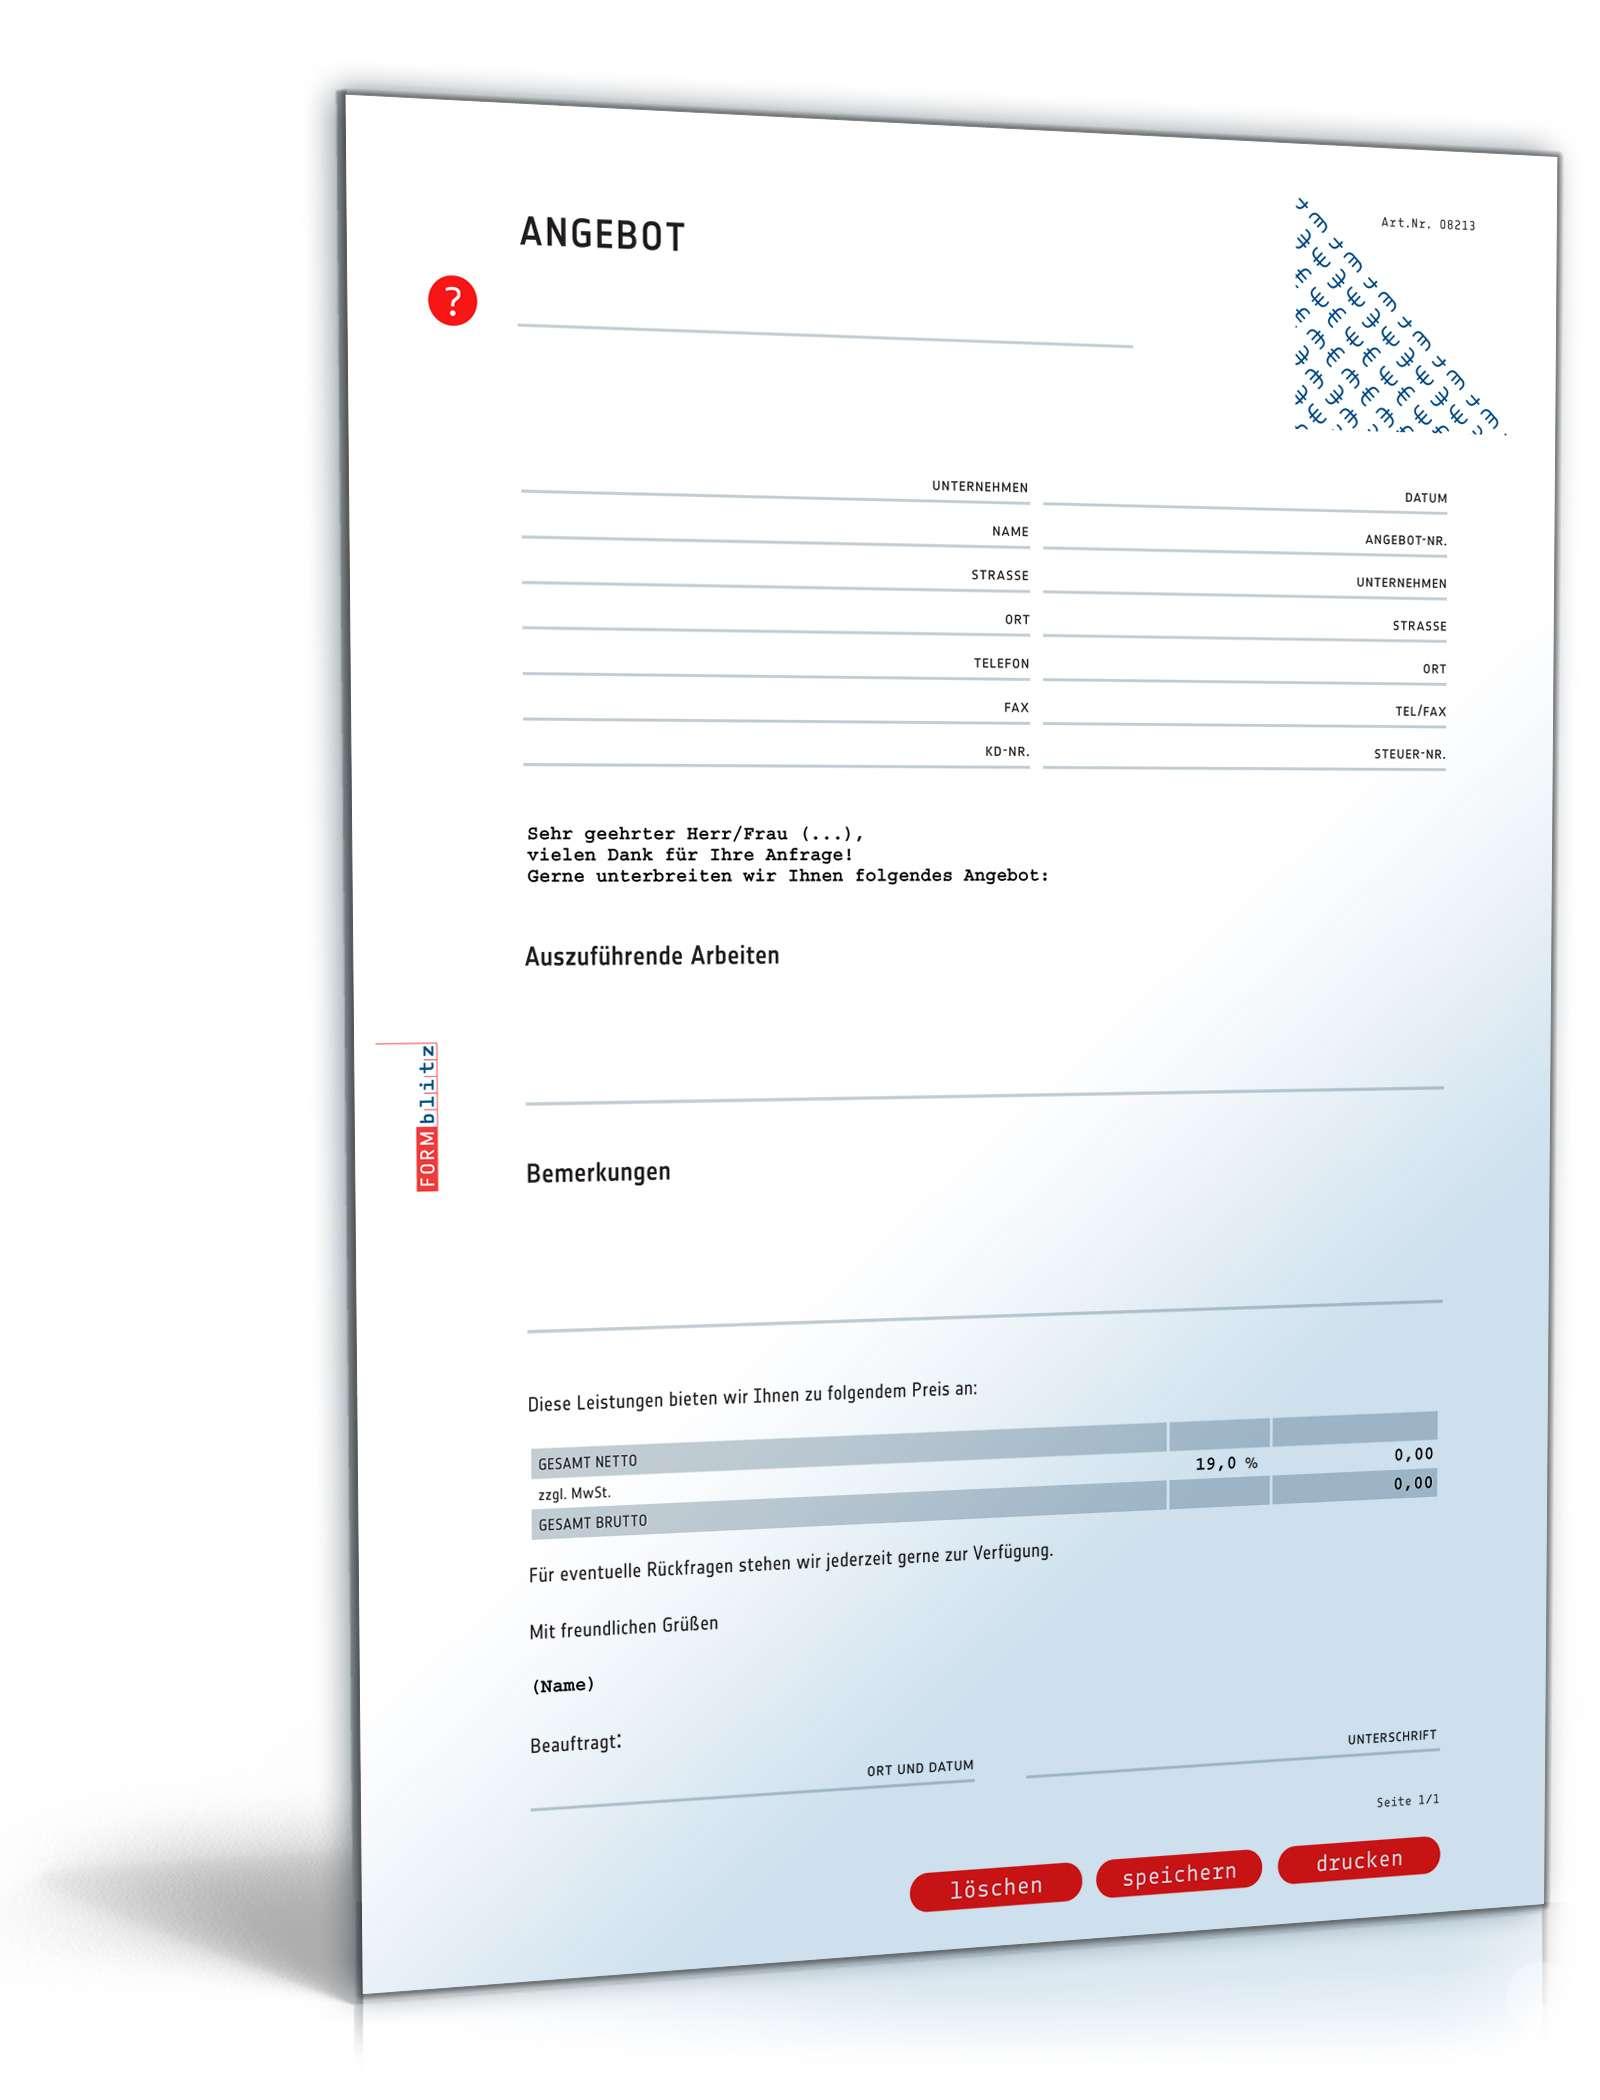 Angebot Pauschal Allgemein Vorlage Zum Download